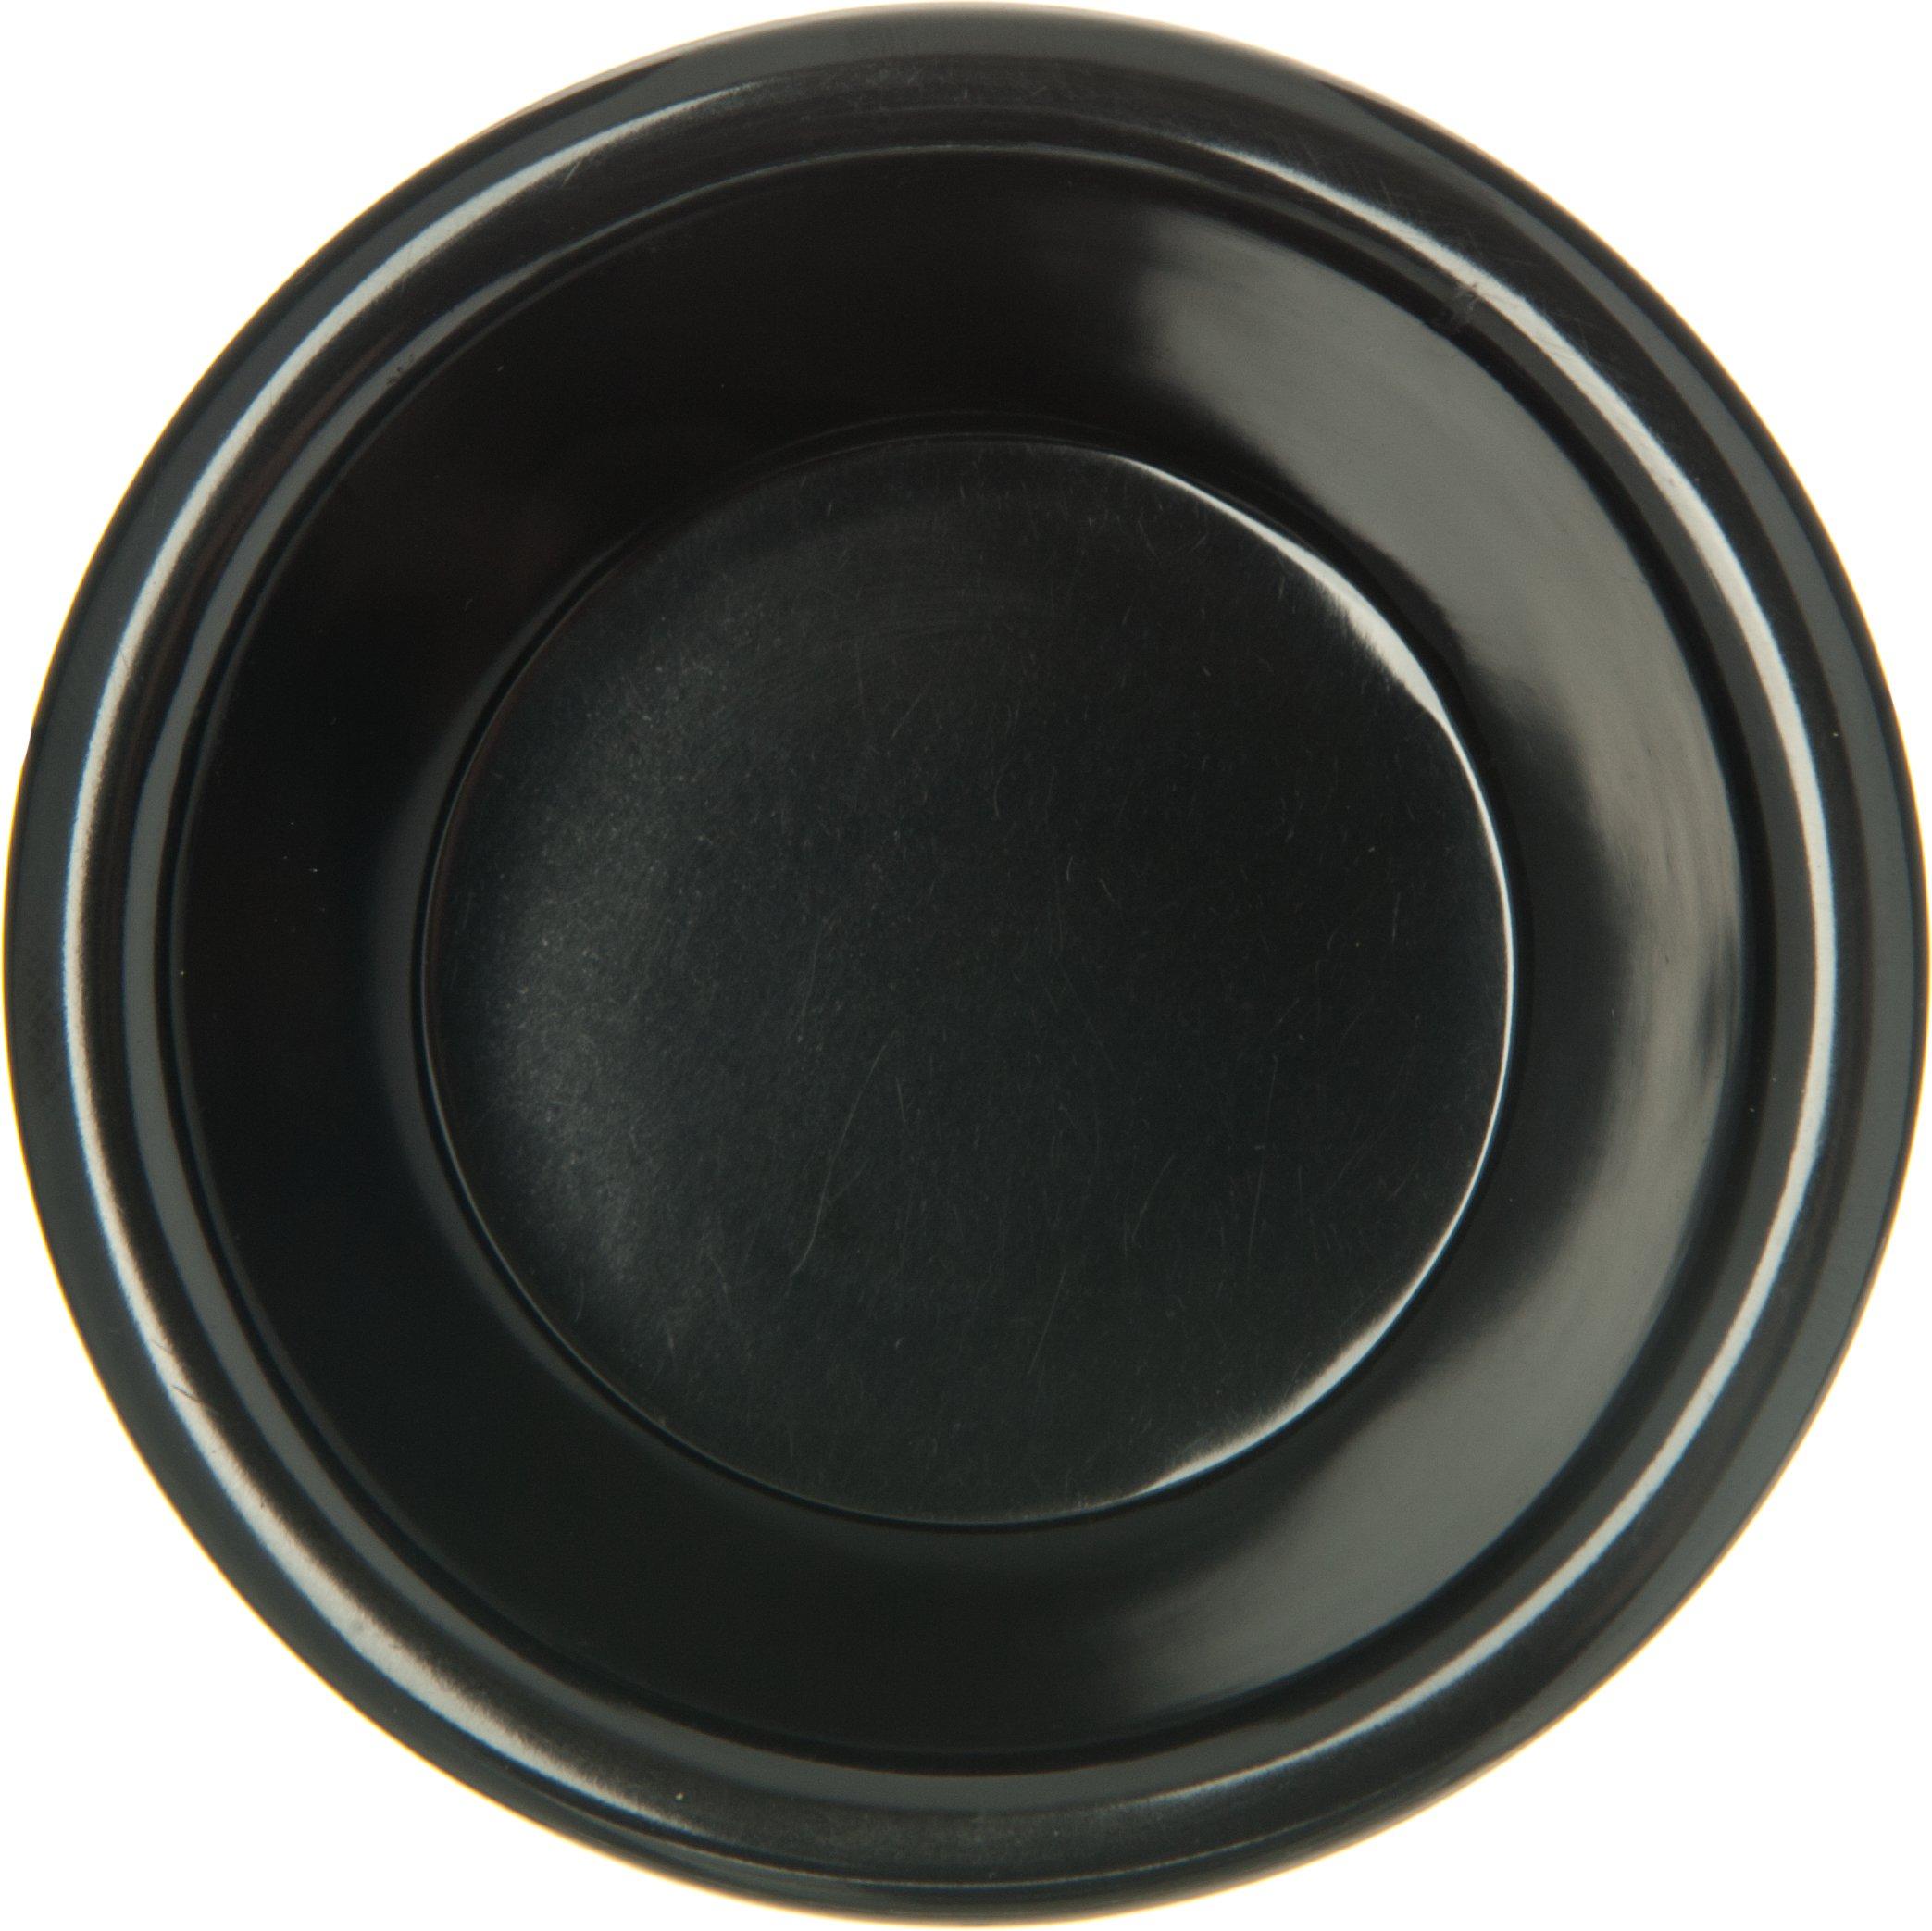 Carlisle S28503 Melamine Smooth Ramekin, 4 oz. Capacity, Black (Case of 48) by Carlisle (Image #3)